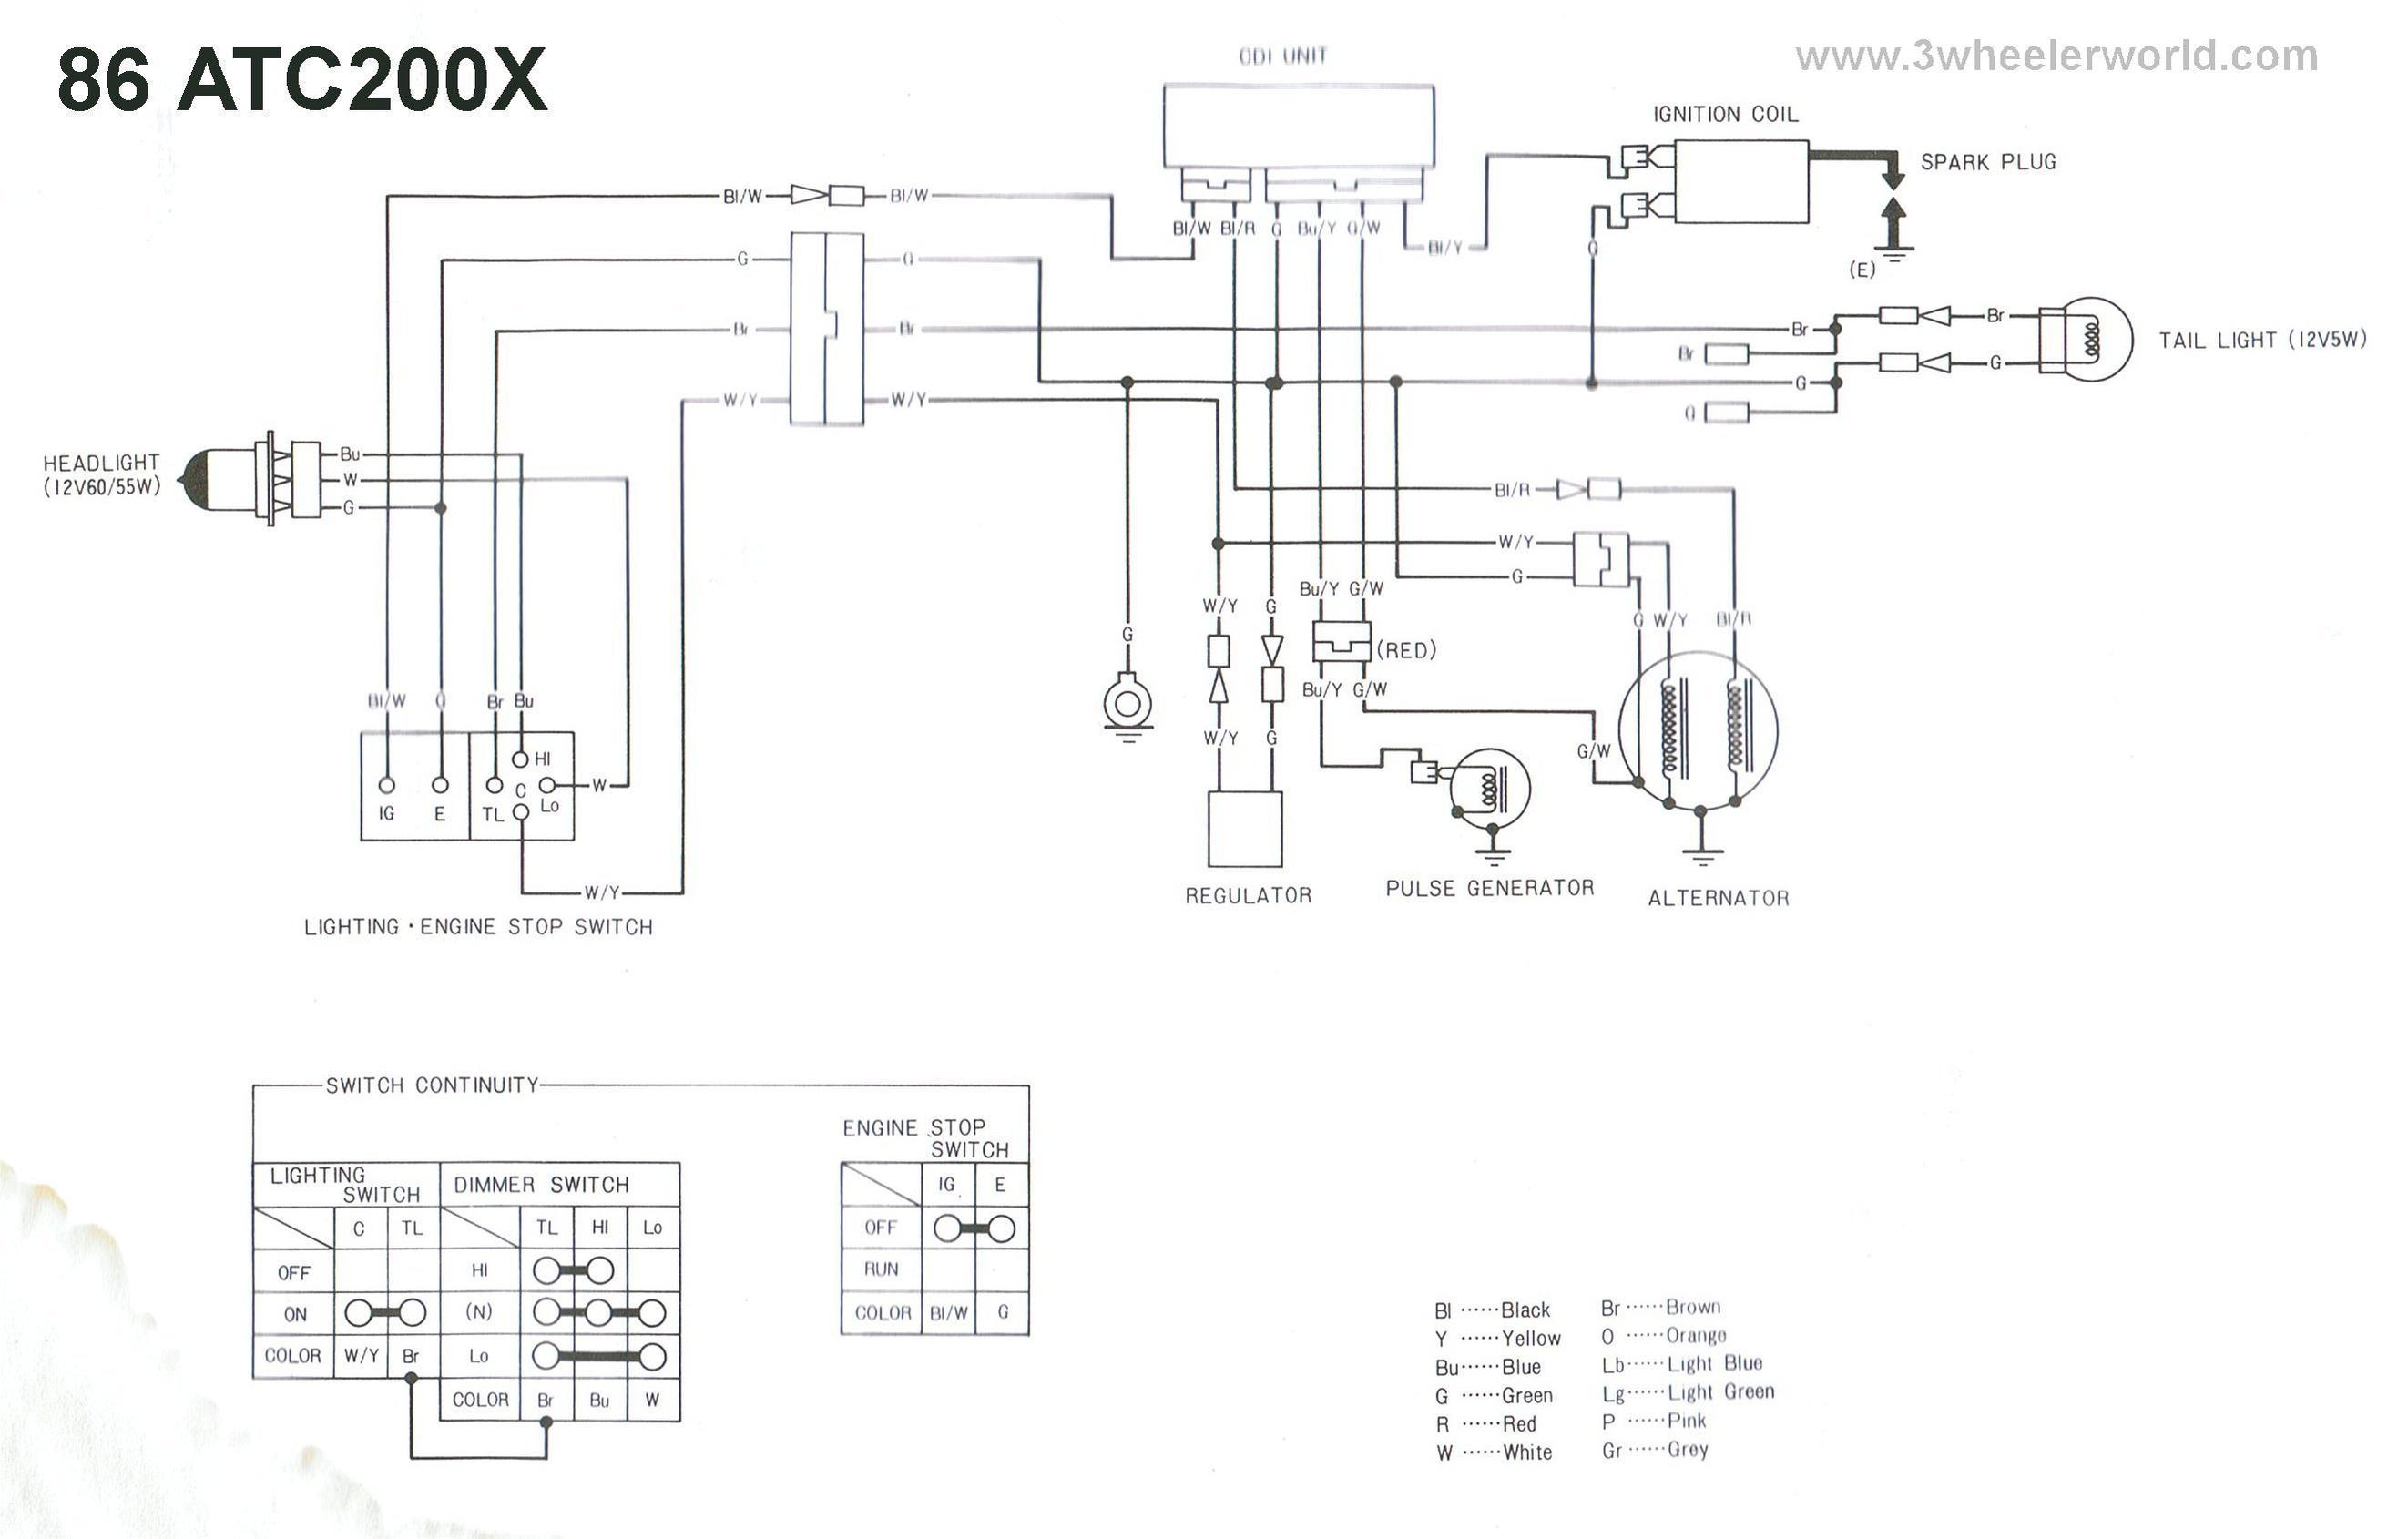 3wheeler world - atc200x 97 honda recon wiring diagram 2009 honda recon wiring diagram